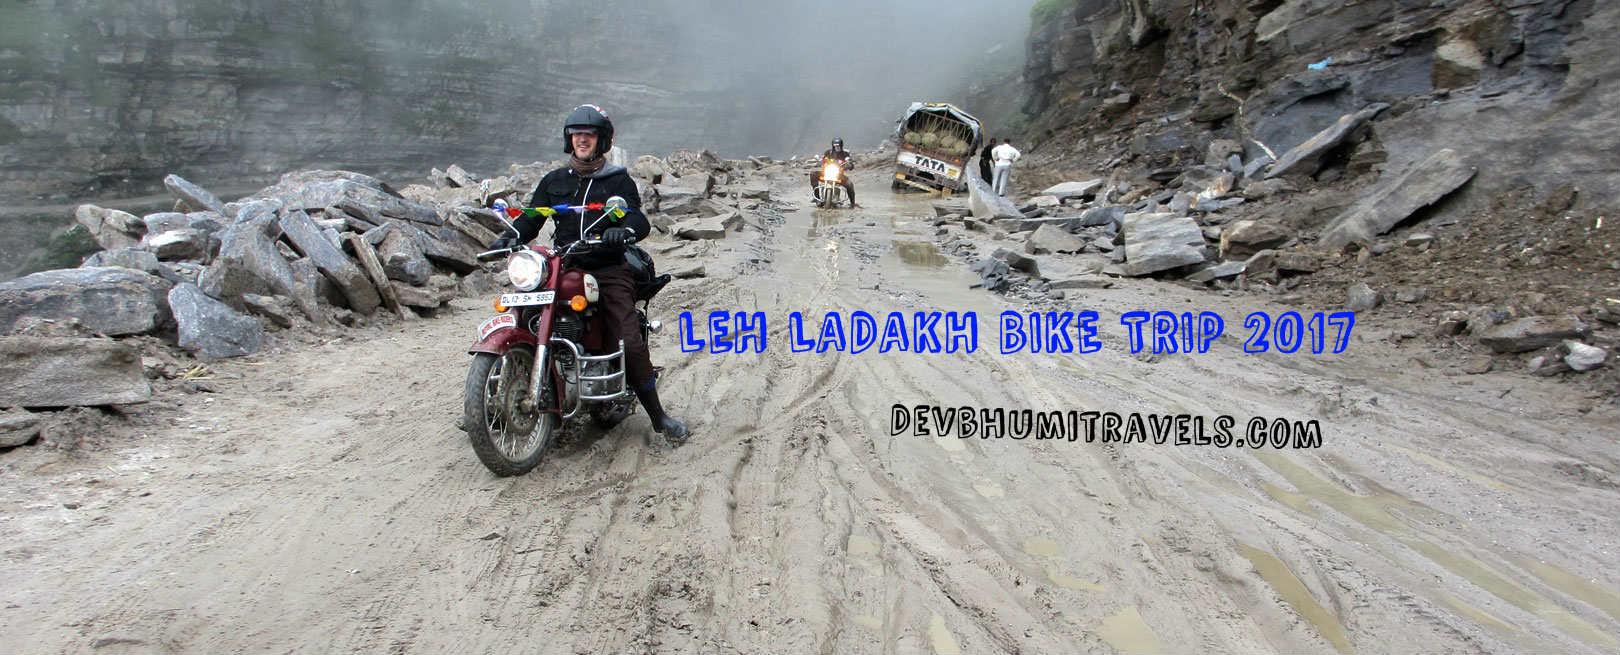 LEH LADAKH BIKE TRIP 2017